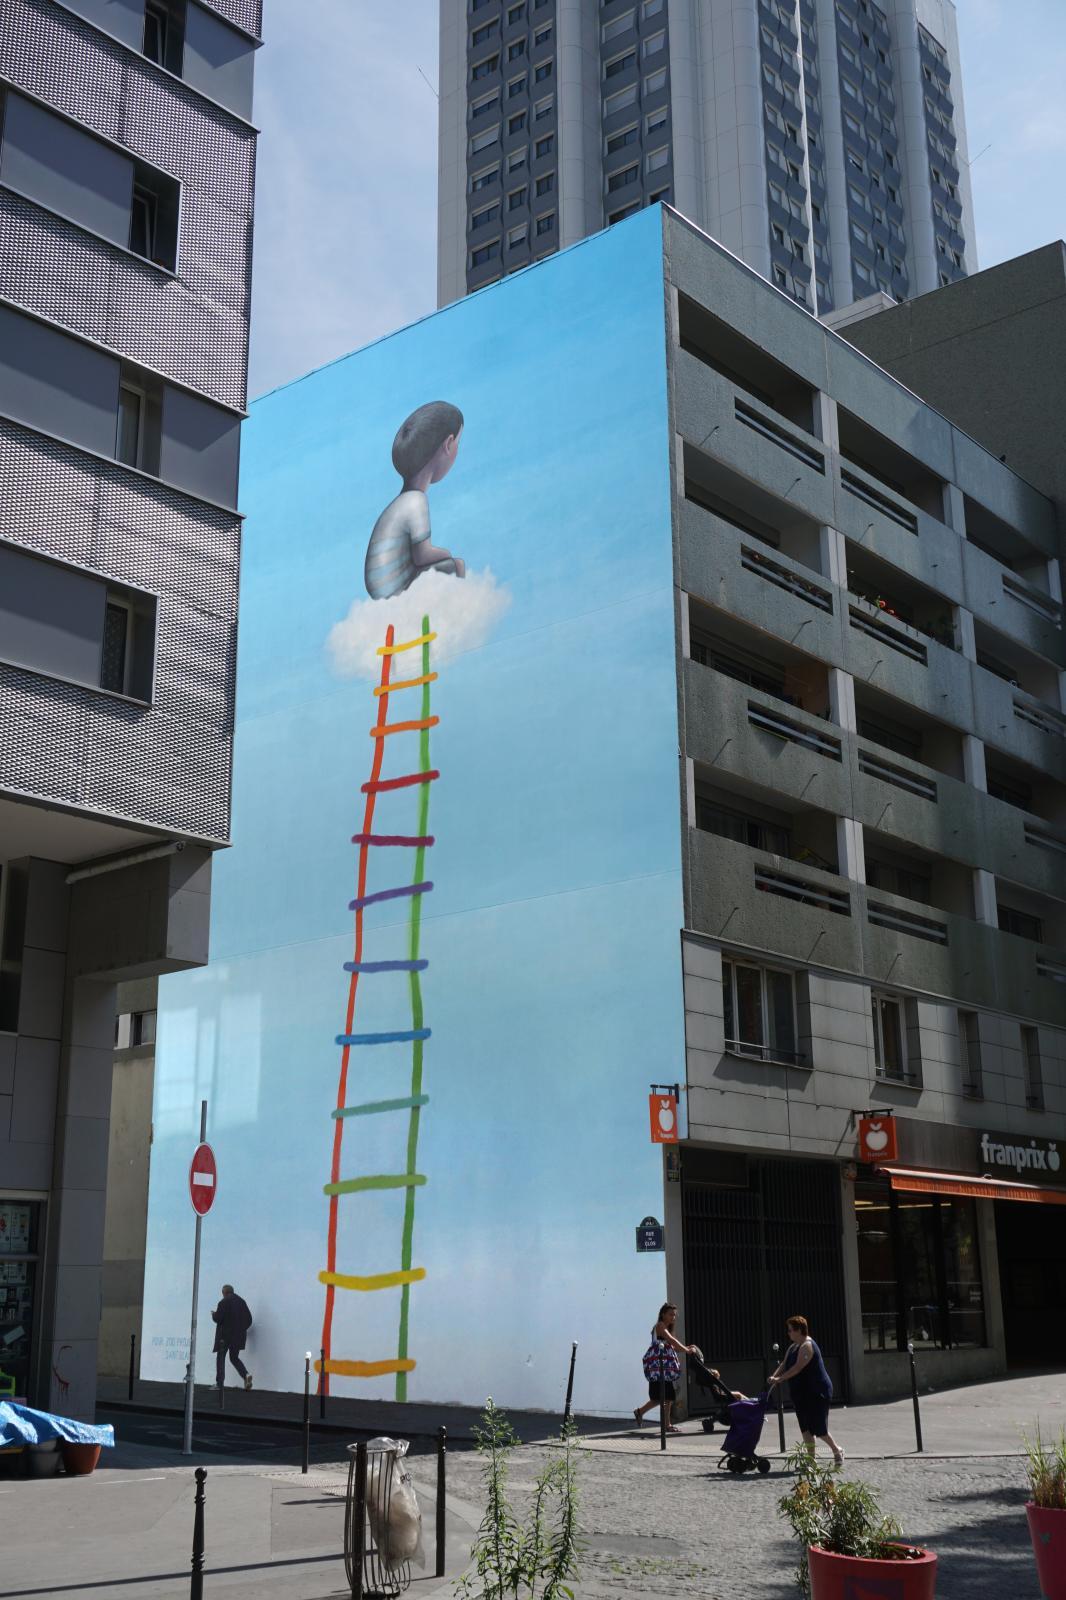 Seth, L'Échelle, rue Saint-Blaise à Paris, dans le 20e arrondissement.